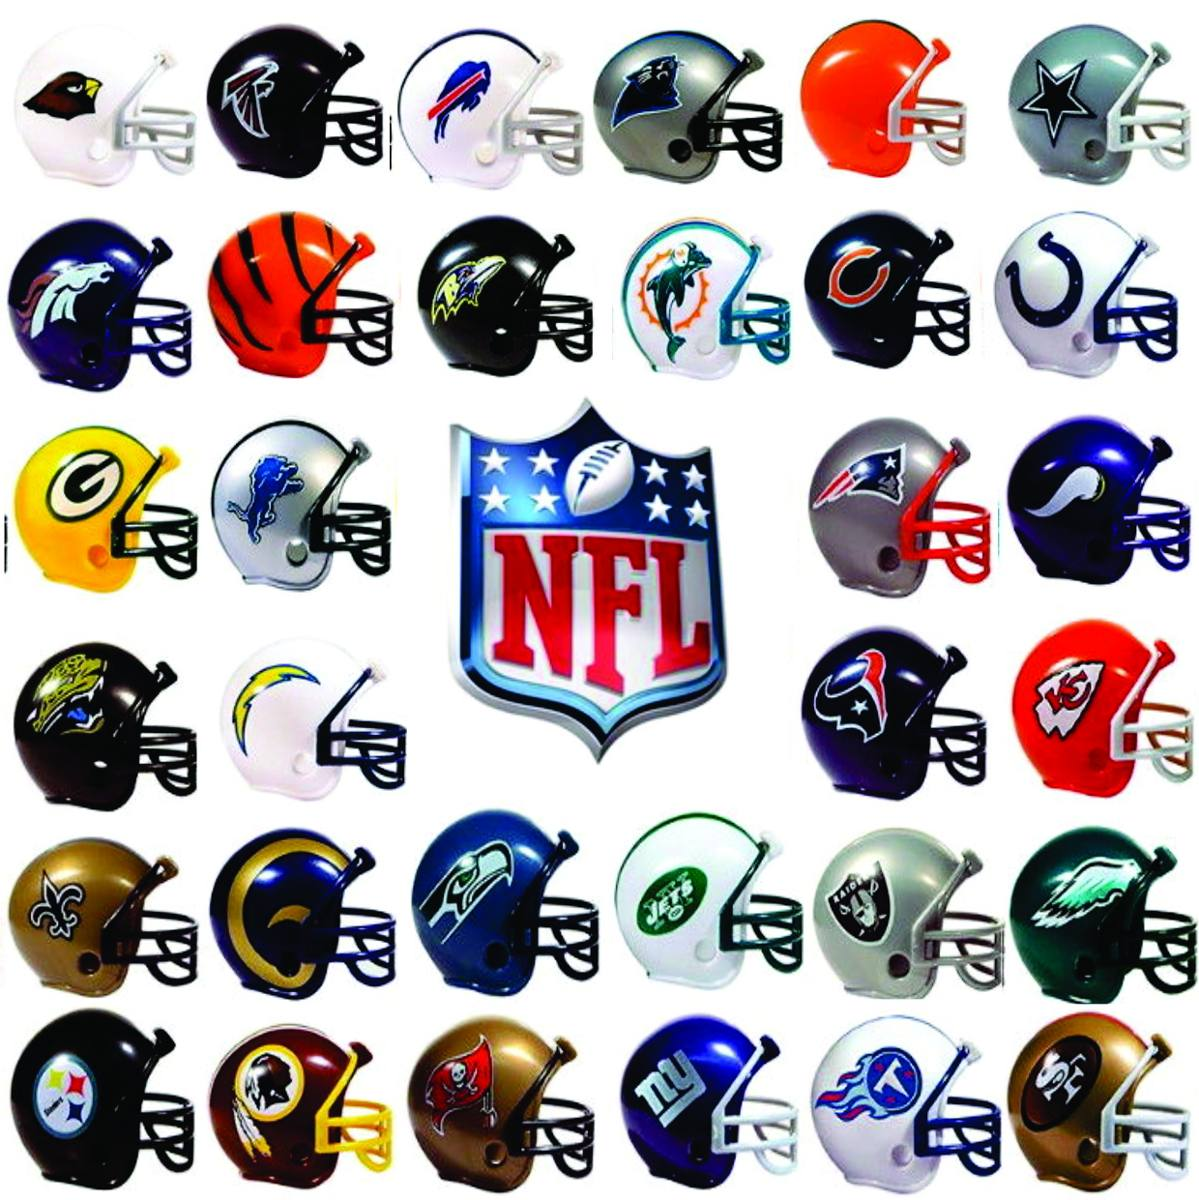 mini capacete futebol americano nfl. Carregando zoom. acc8f7772c85c